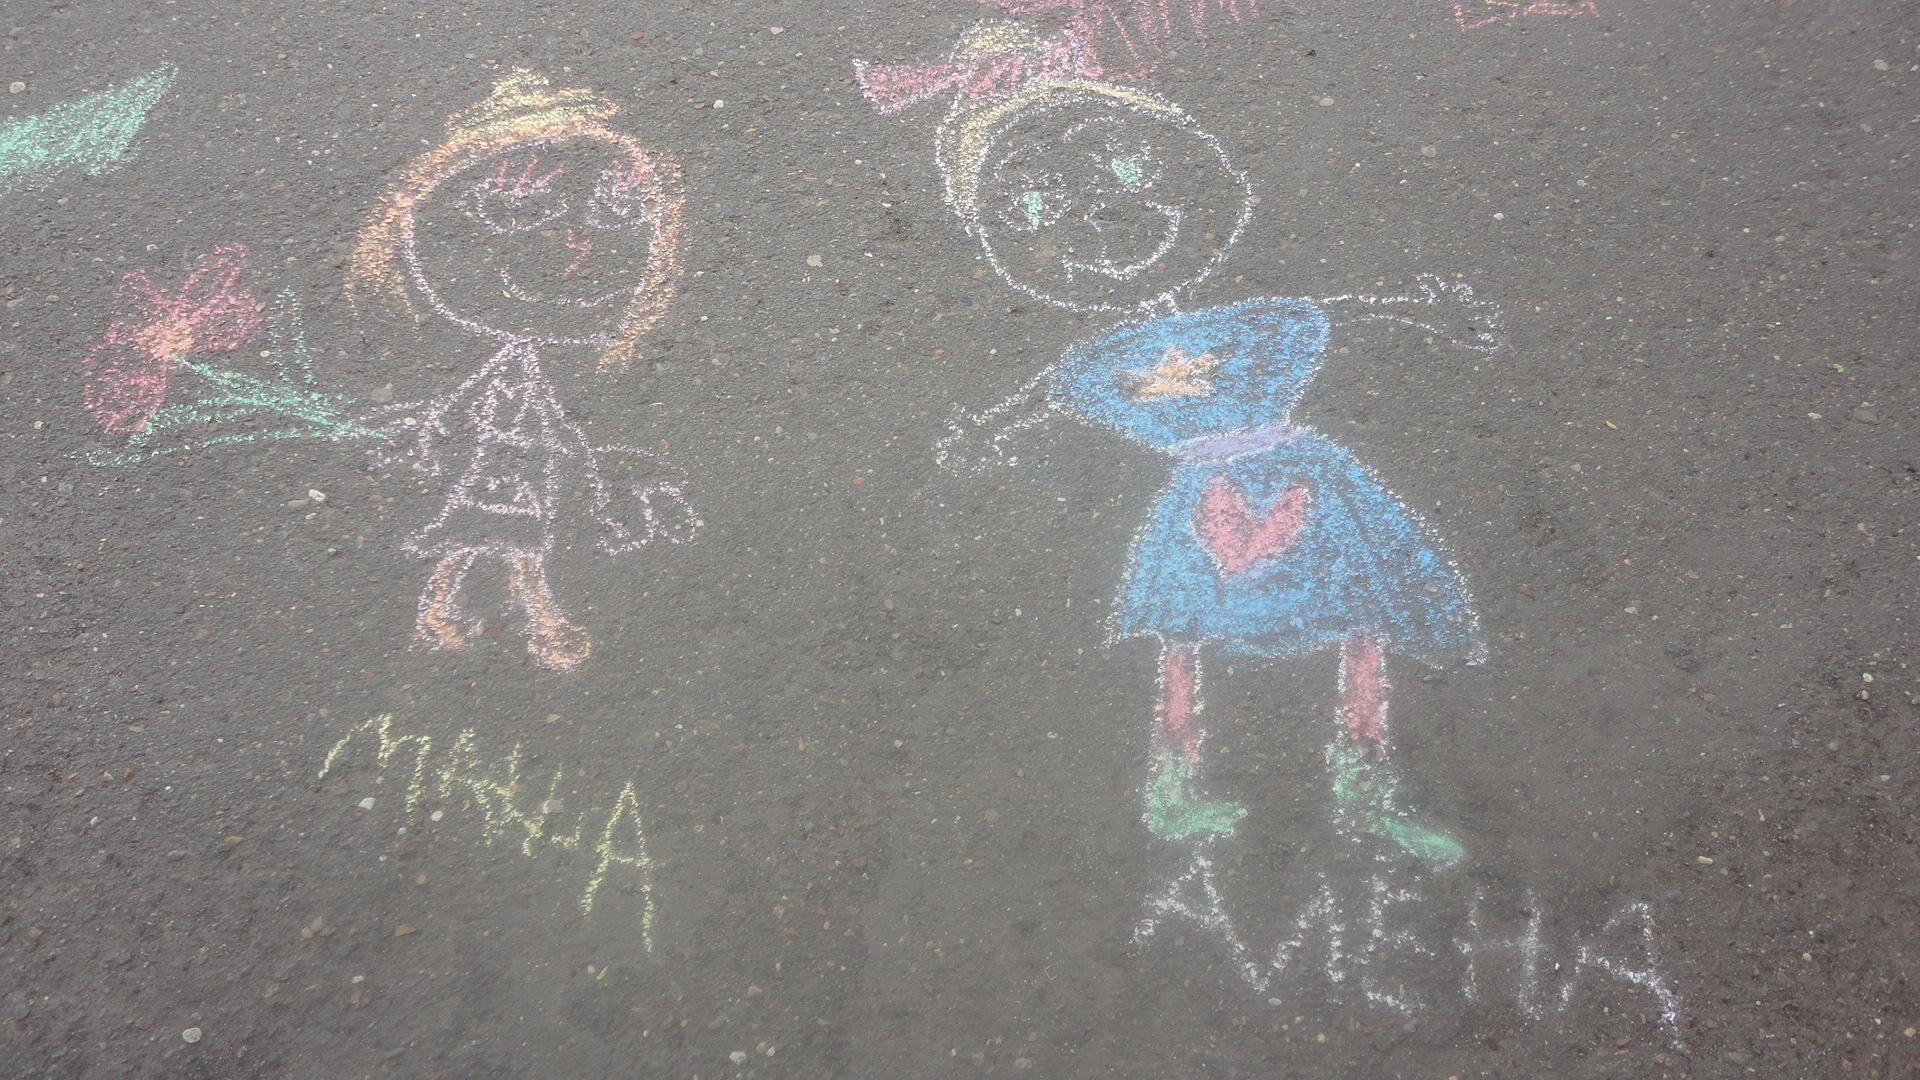 в Детской городской клинической больнице прошел Областной День детства, под девизом «Суббота для здоровья».